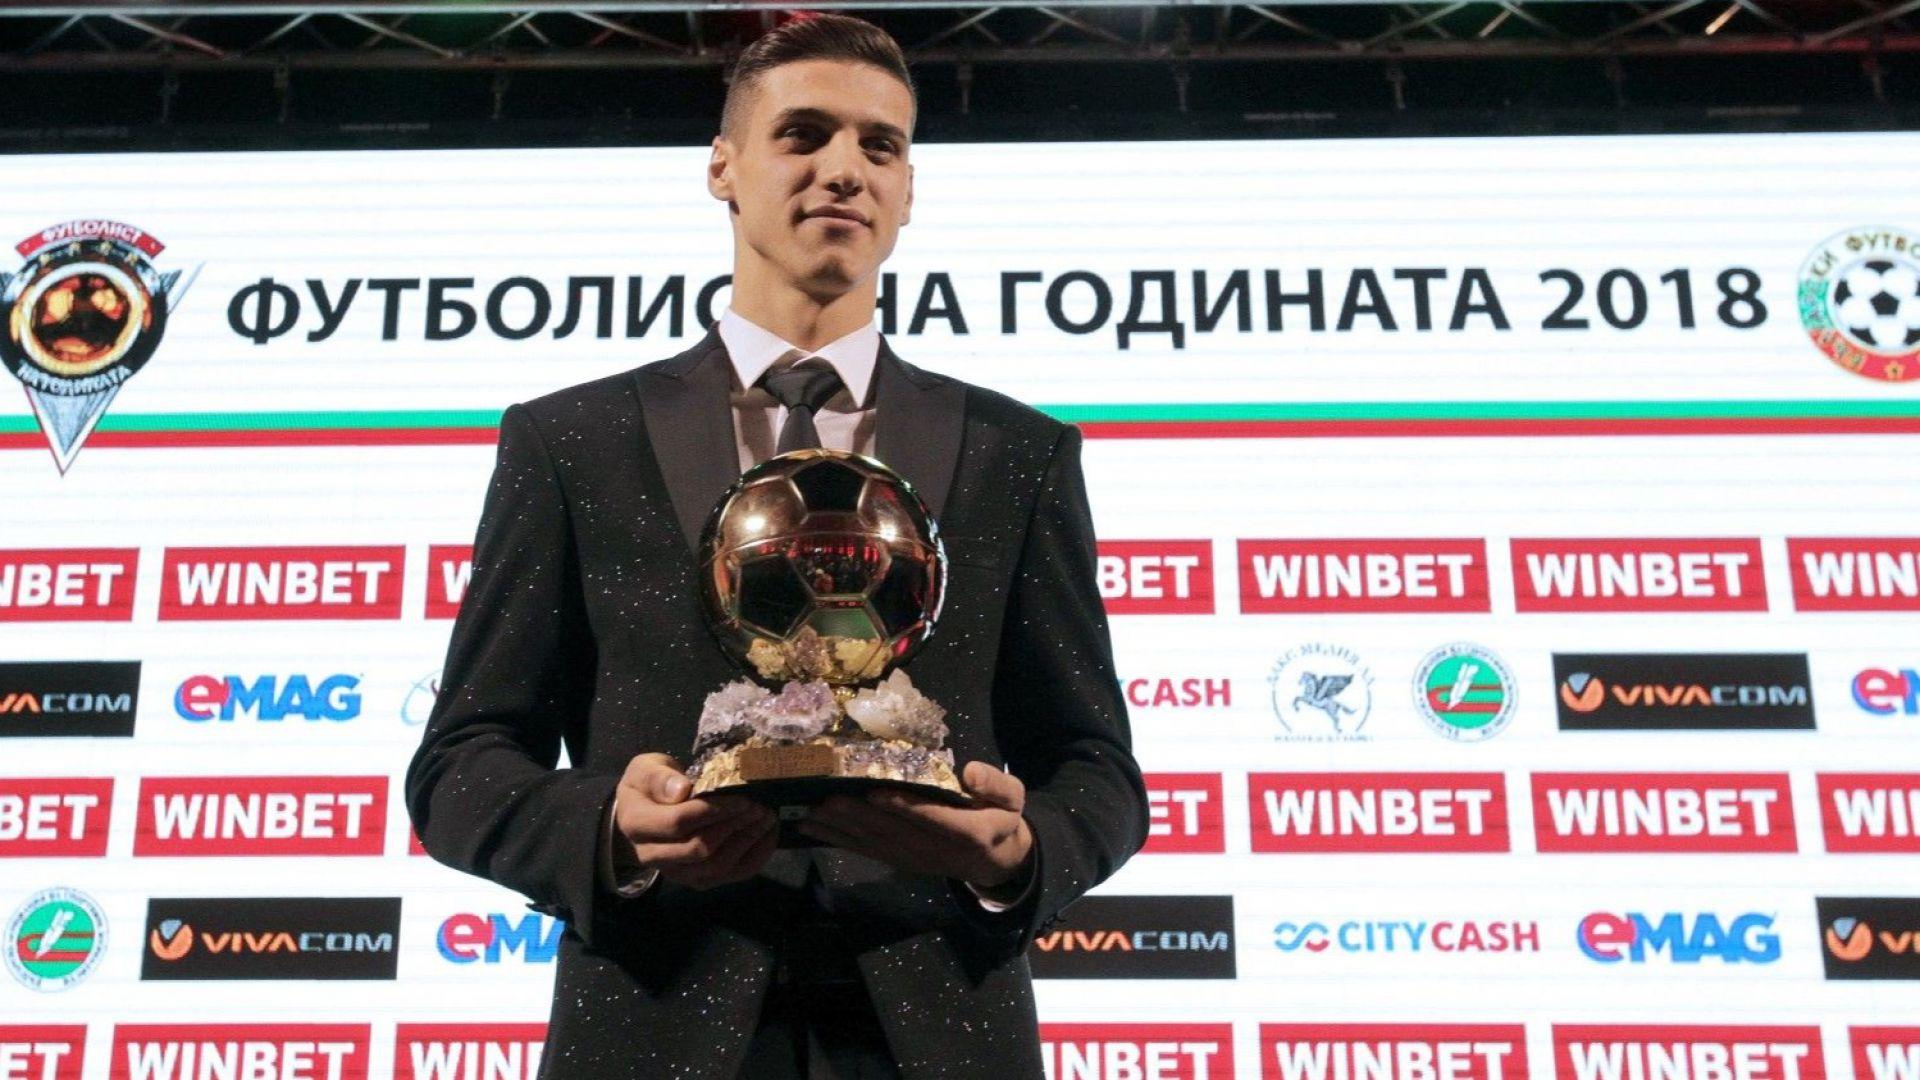 Кой е Кирил Десподов: Любимец на Стоичков и най-млад №1 след Бербатов